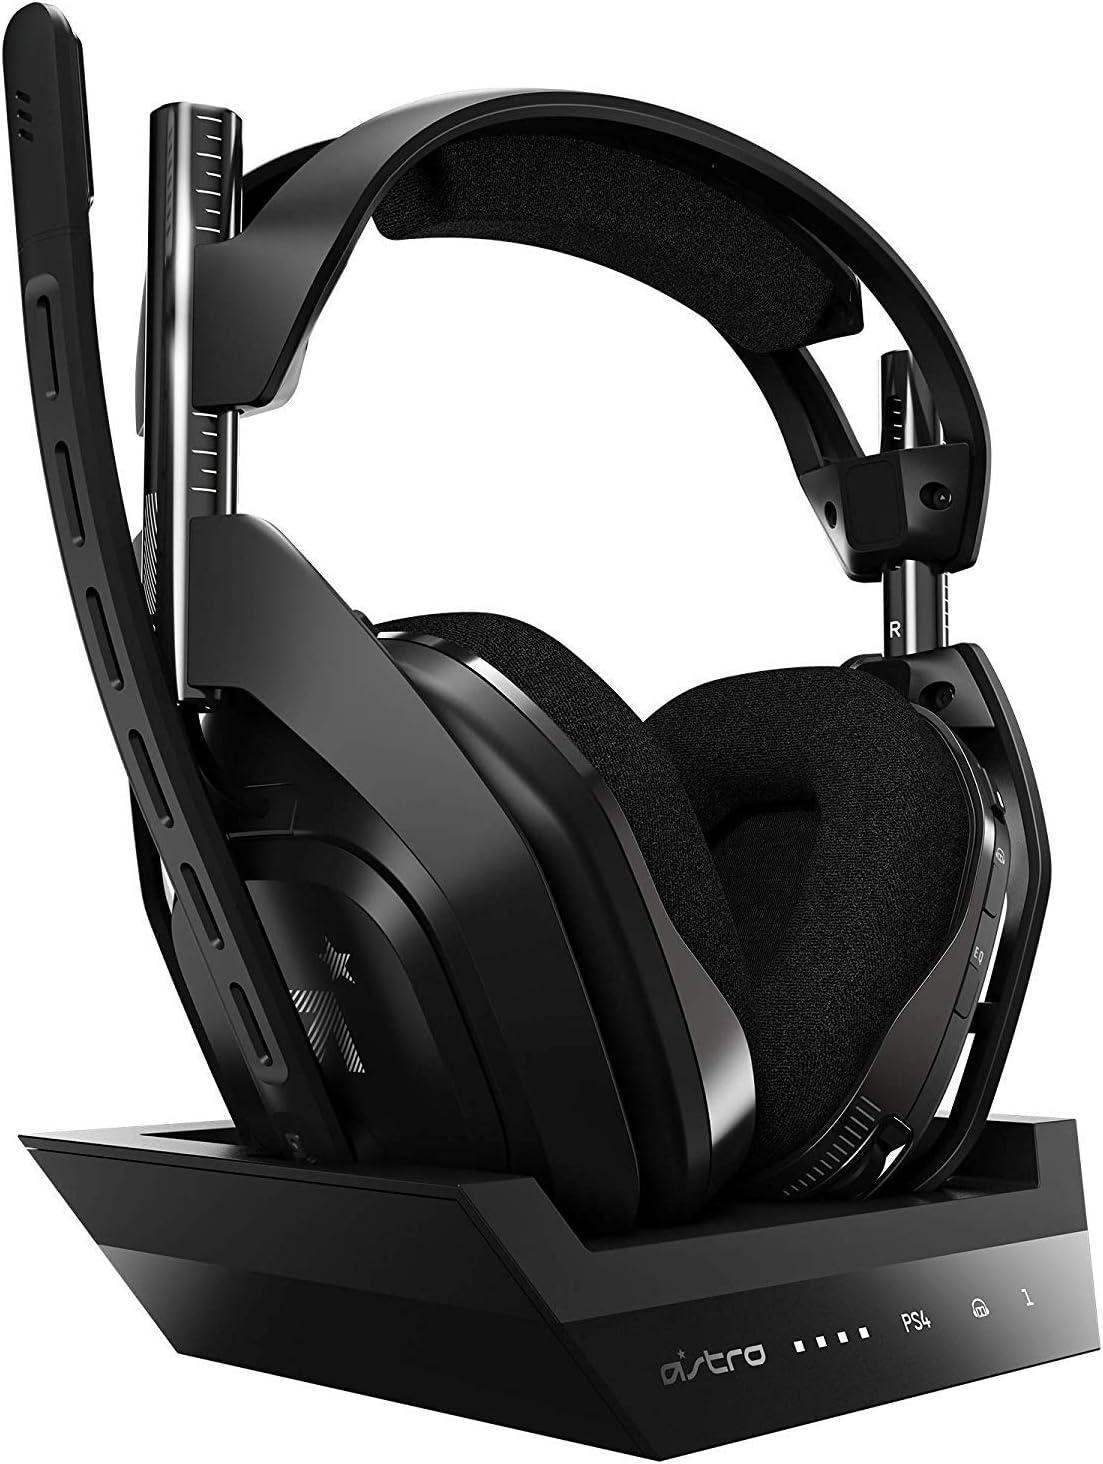 Astro Gaming A50 Auriculares inalámbricos + Estación base, Cuarta generación con Dolby Audi, Per PS4,PC, Mac, Negro/Plateado: Amazon.es: Informática